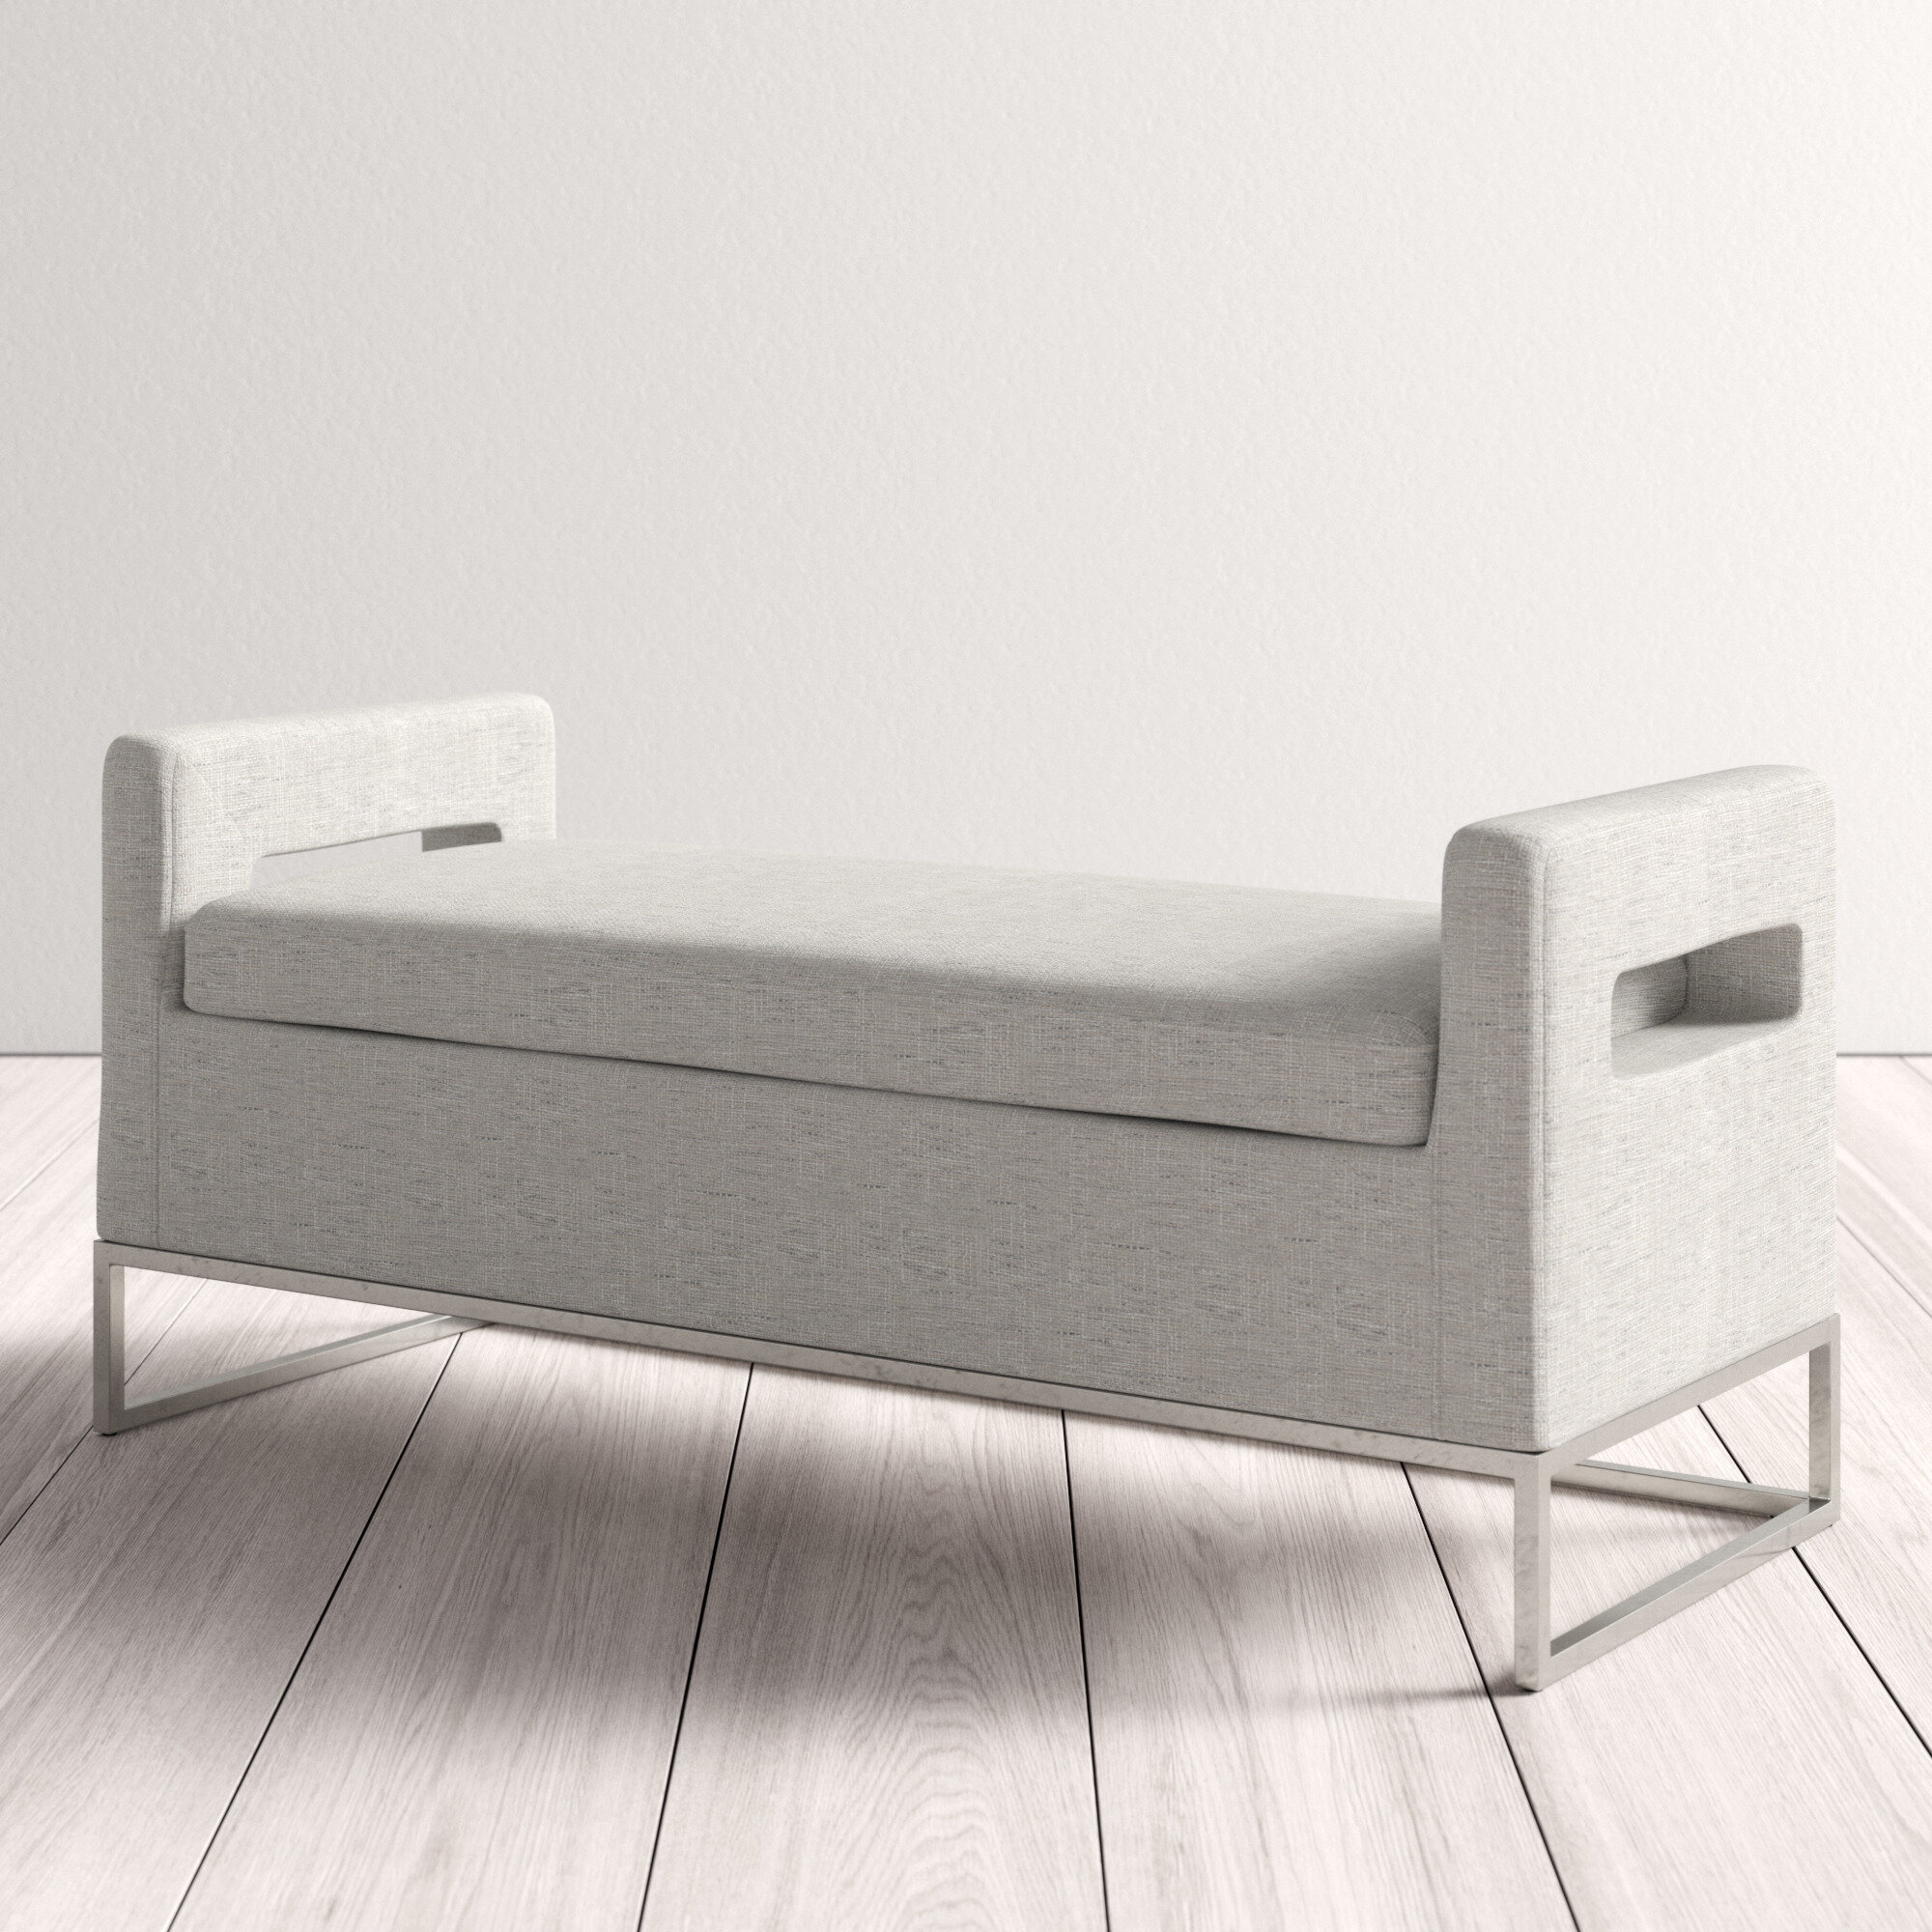 Pelton Upholstered Storage Bench Reviews Allmodern